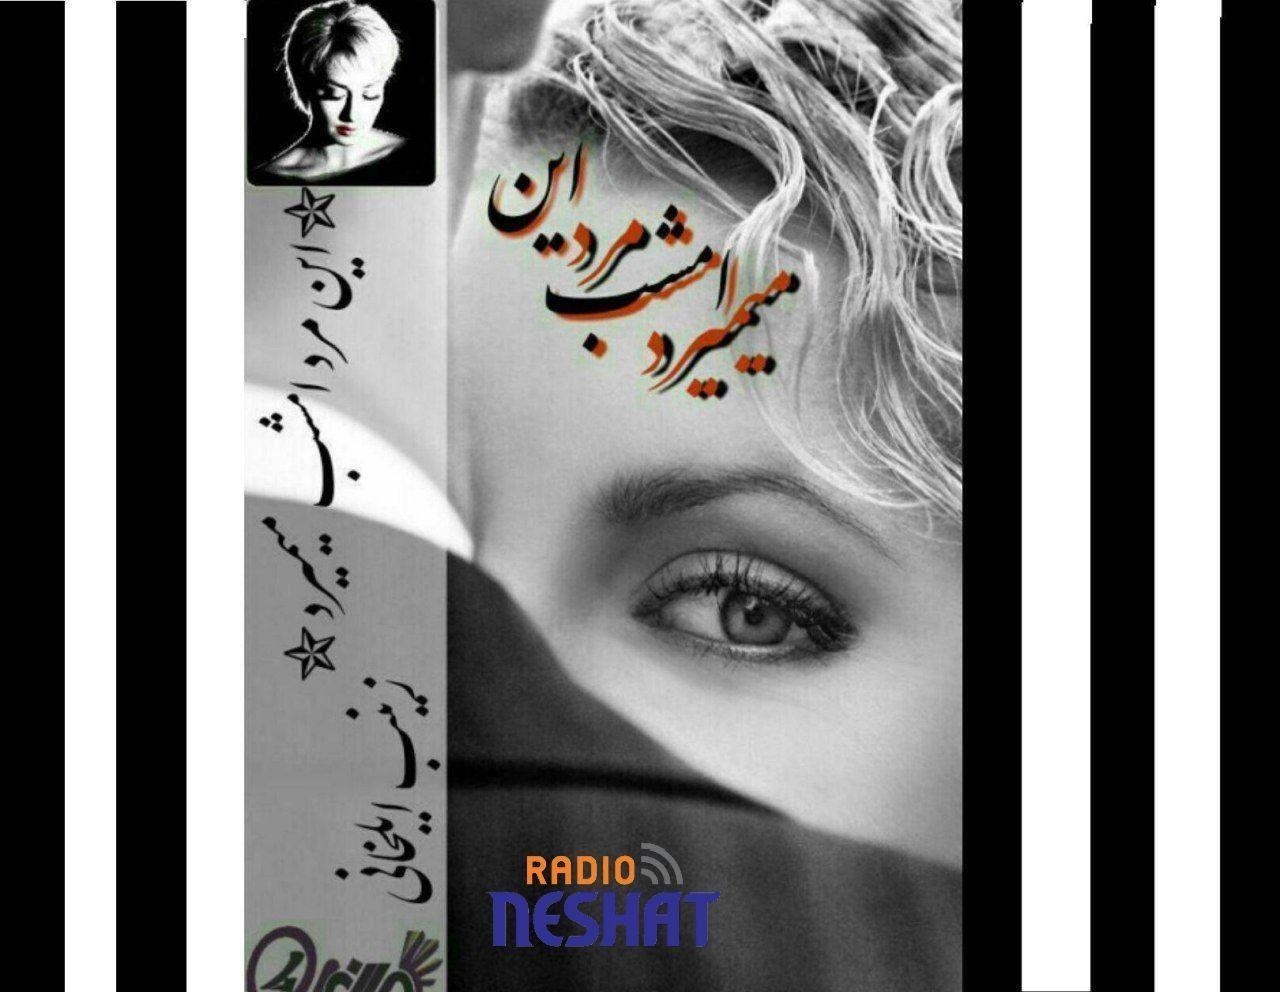 رمان این مرد امشب میمیرد (قسمت 45)/ نویسنده: زینب ایلخانی/با صدای نازنین آذرسا